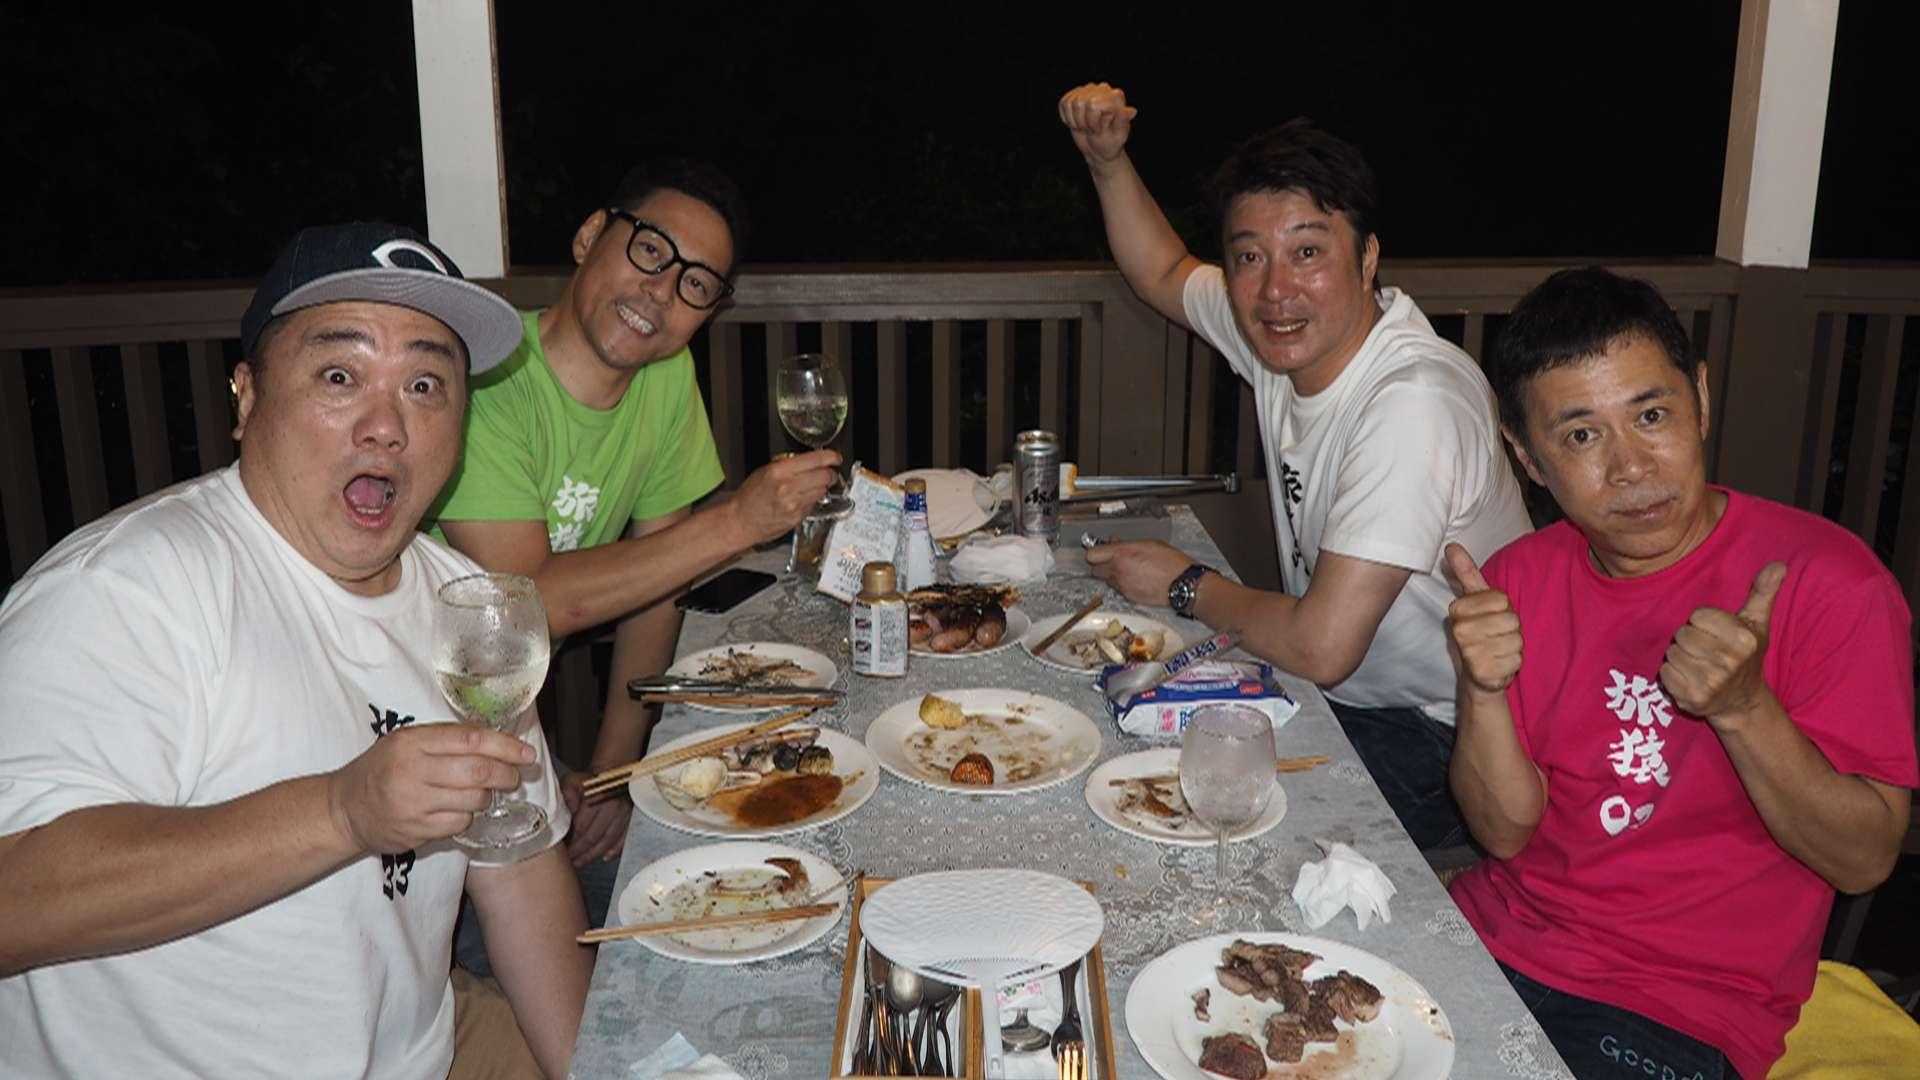 東野・岡村の旅猿~プライベートでごめんなさい・・極楽とんぼとBBQの旅